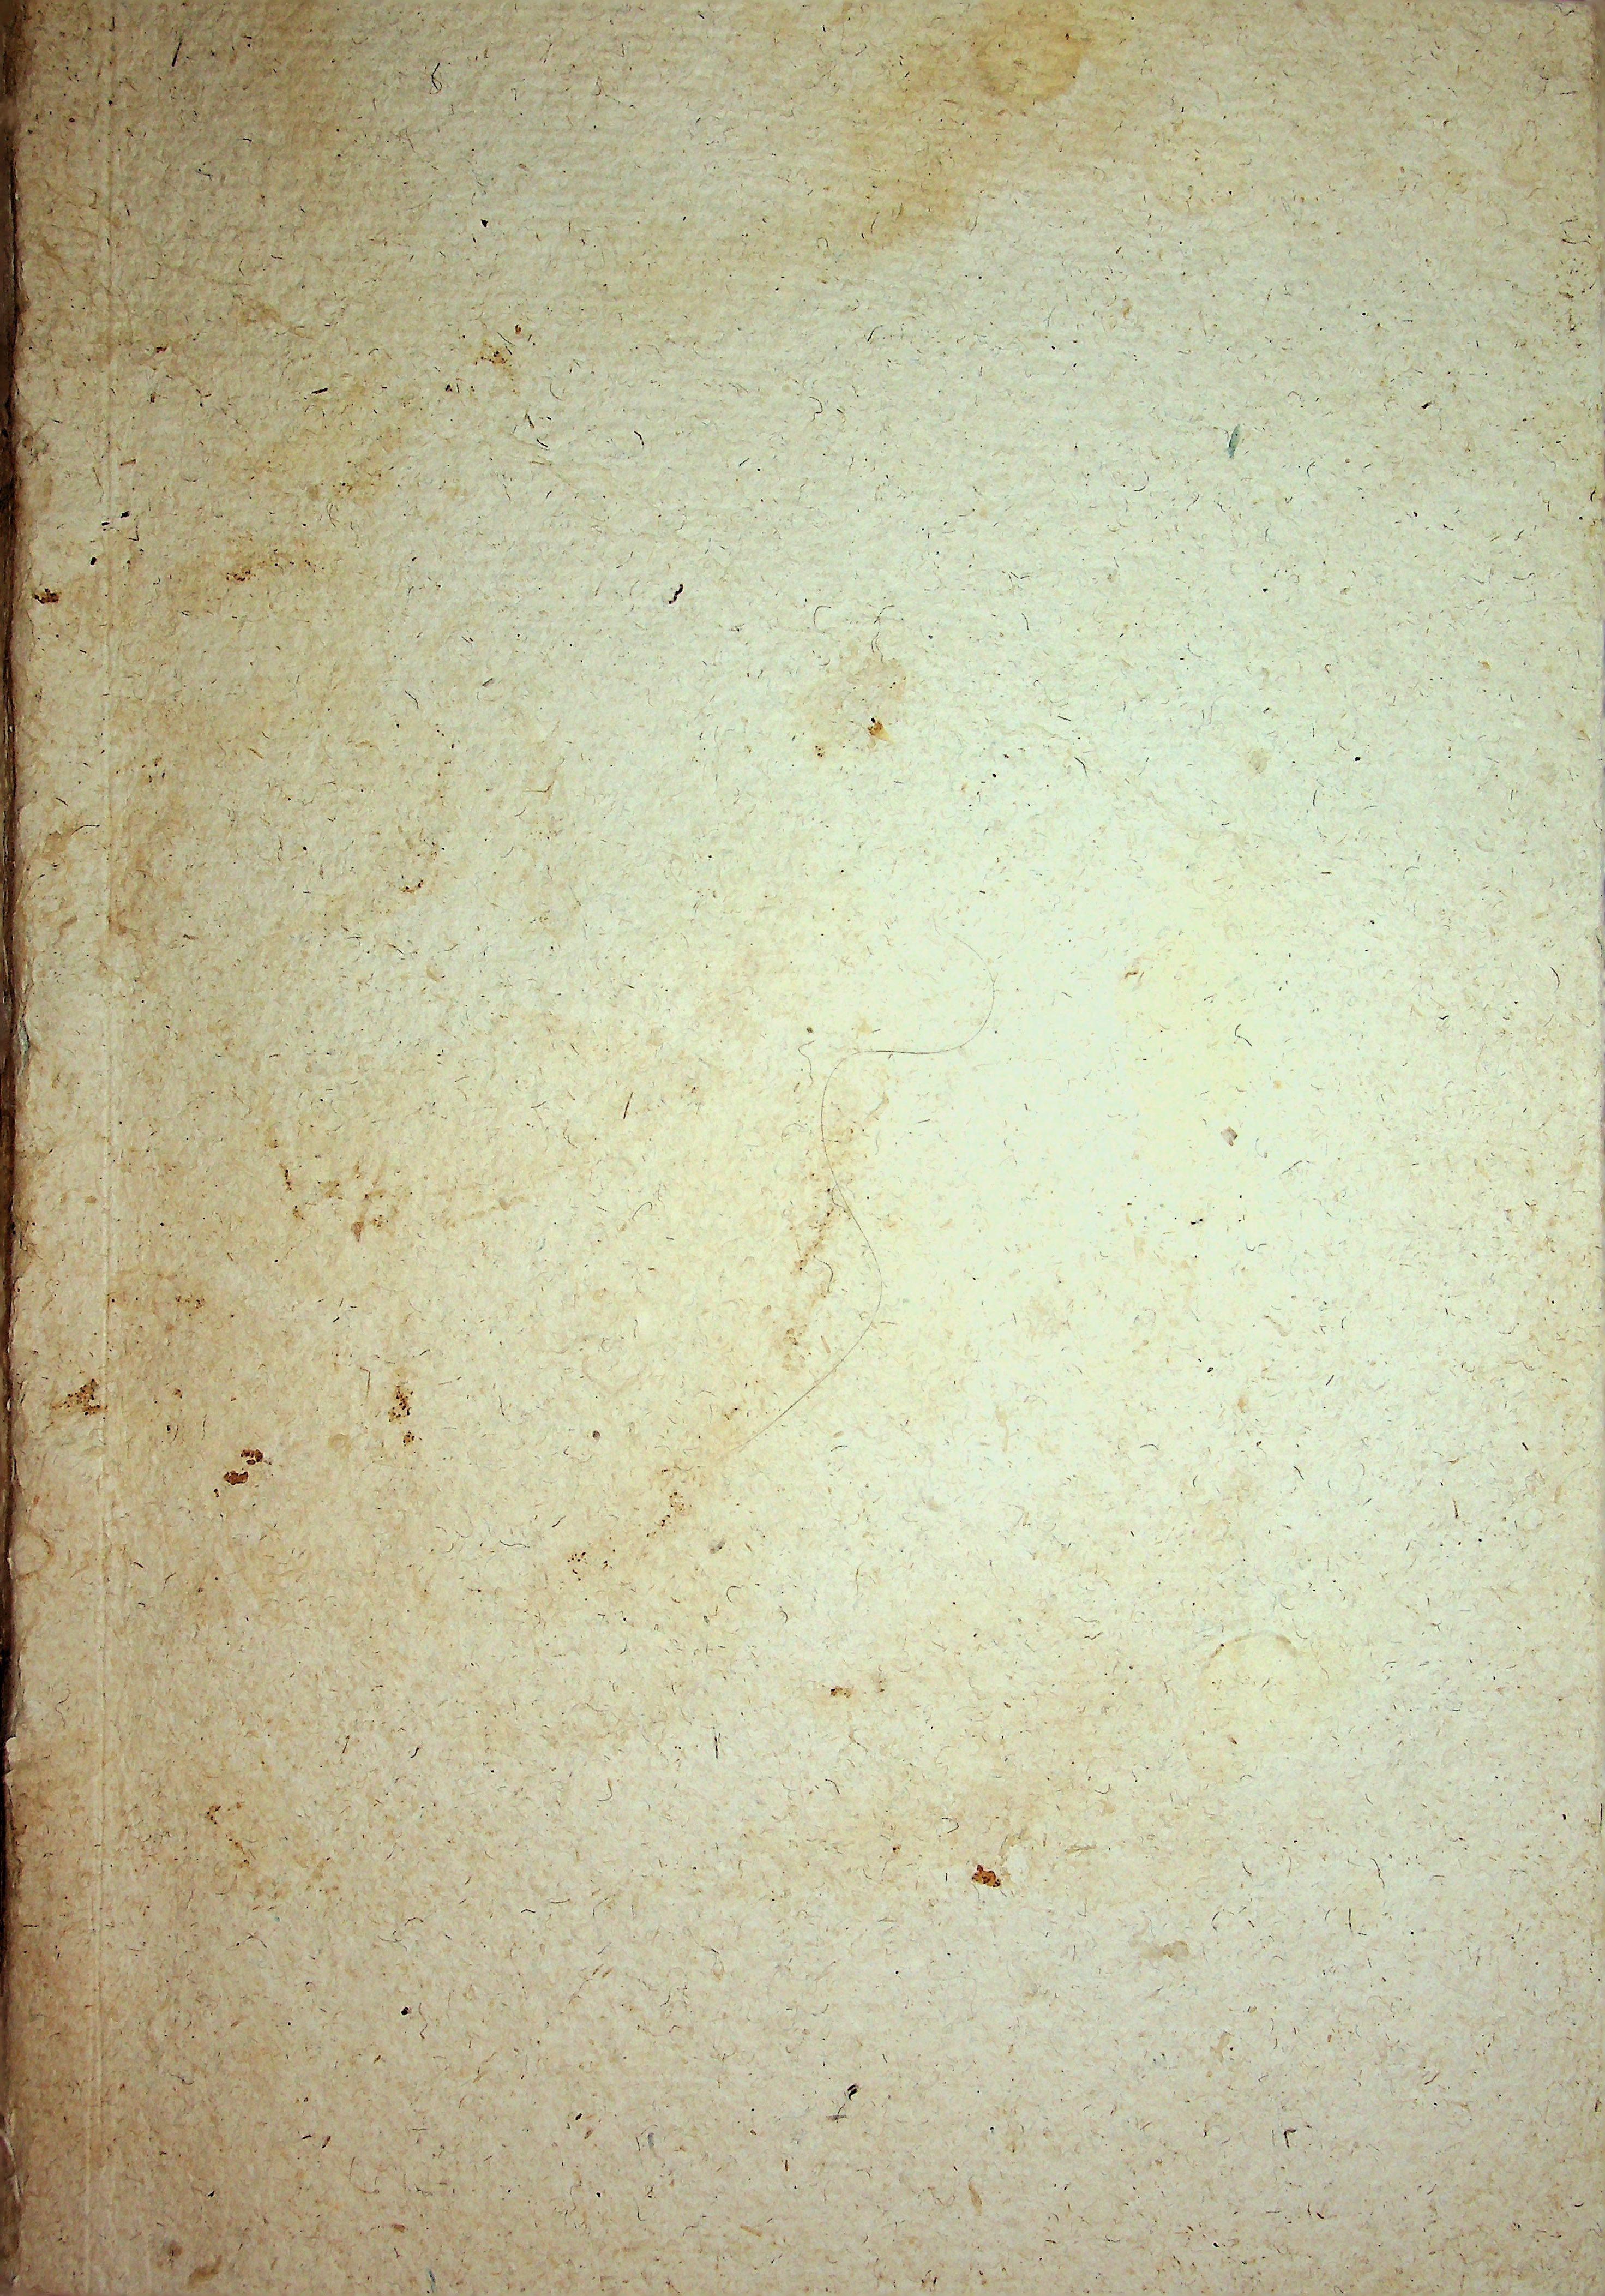 Opera Iacobi Cuiacii I.C. quae de iure fecit in hunc diem, ab ipso auctore disposita et recognita, & aucta libro singulari consultationum, & libr. XV. XVI. XVII. obseruationum. Additi sunt indices tres copiosissimi.